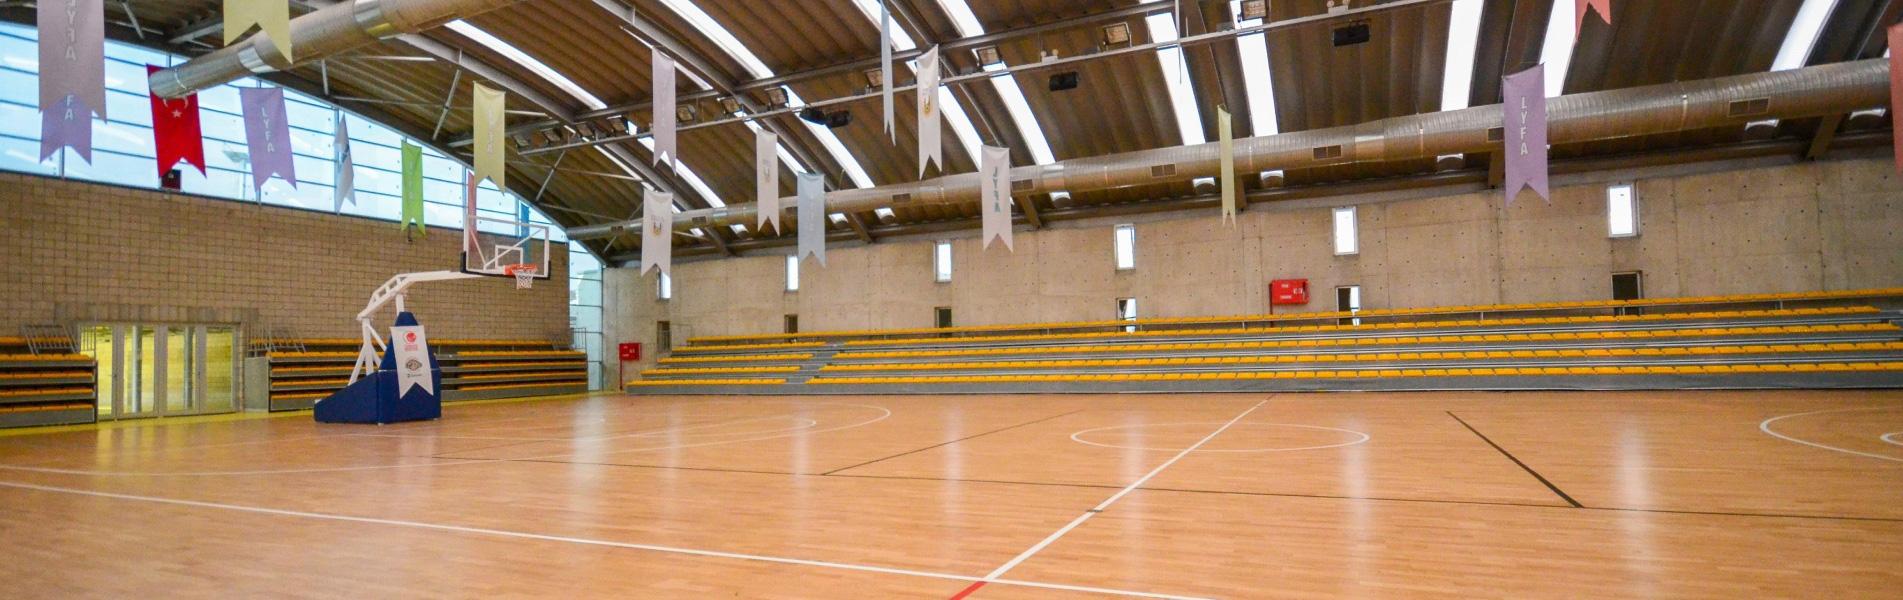 Indoor Sports Halls